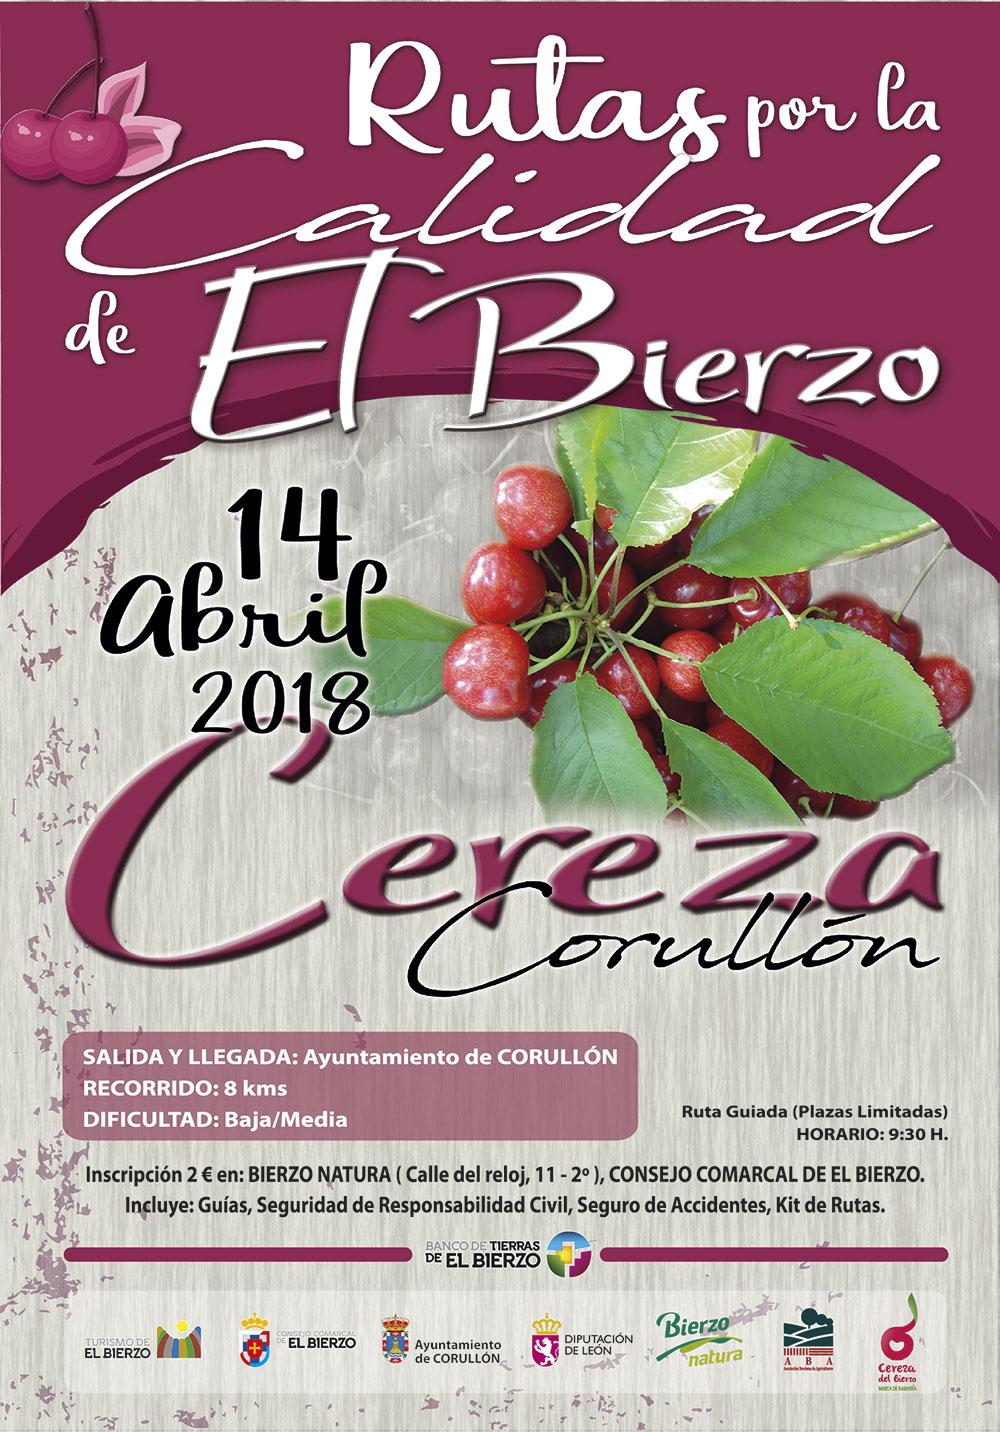 Planes en el Bierzo para el fin de semana del 13 al 15 de abril 2018 12